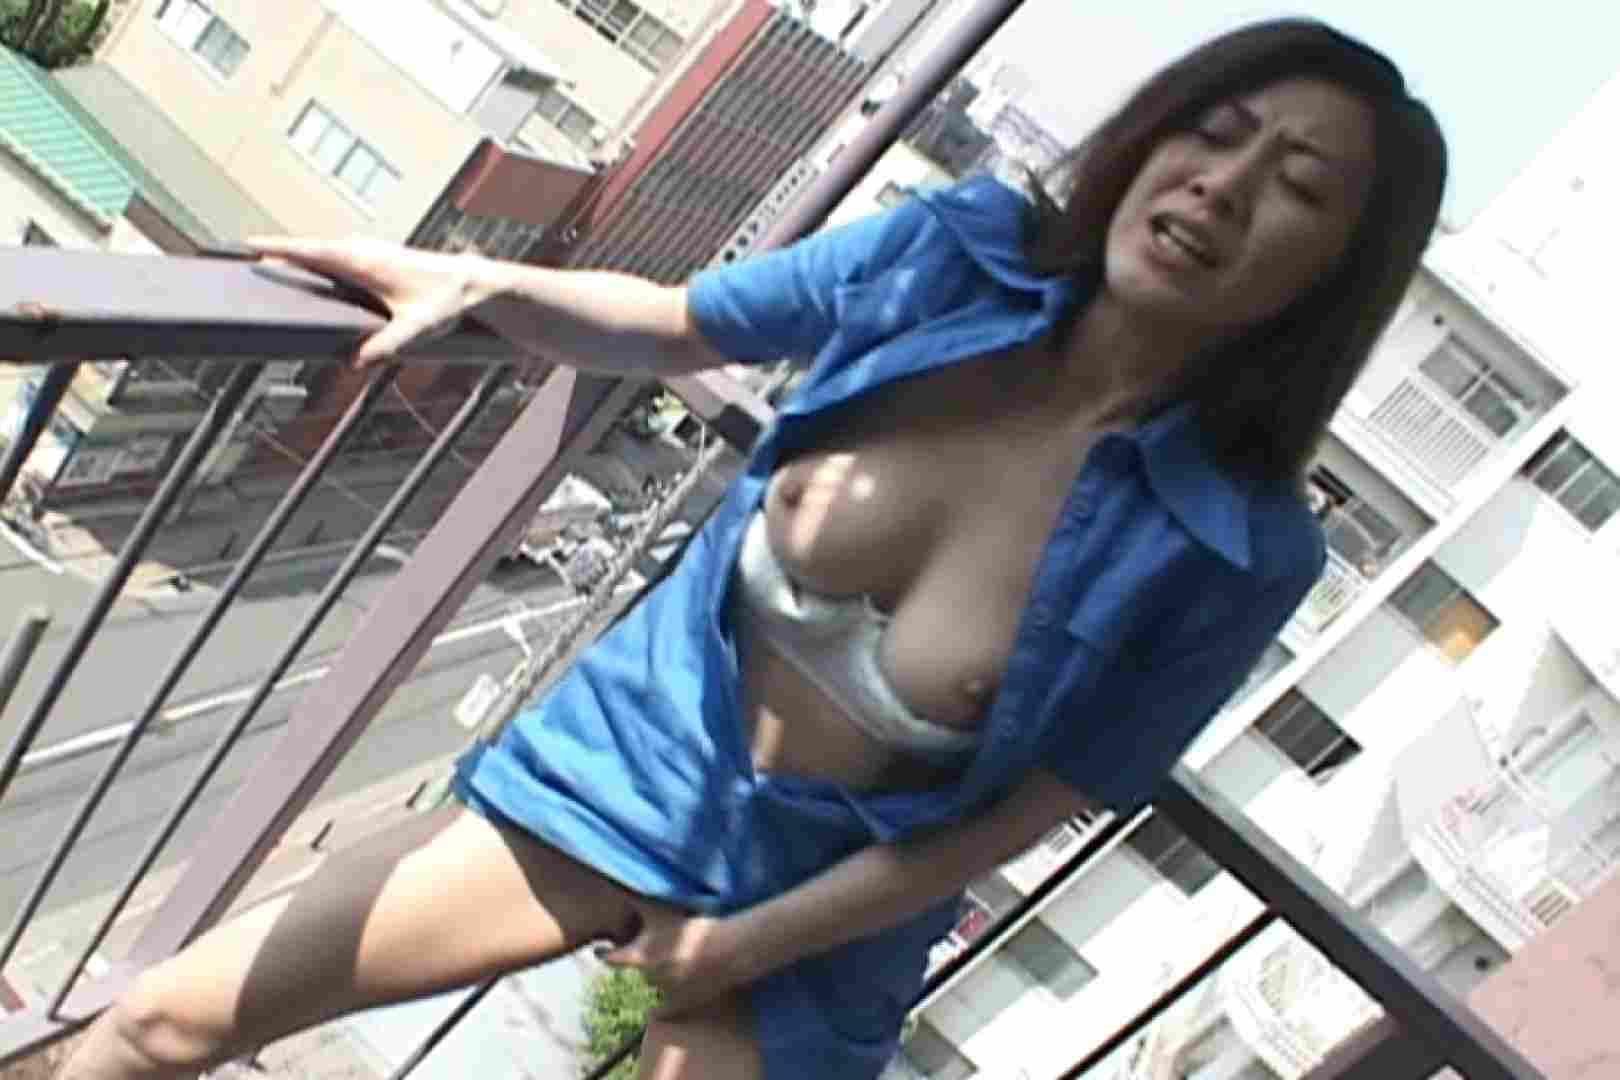 昼間の奥様は欲求不満 ~桜田ゆかり~ オナニー集 盗撮画像 46pic 32